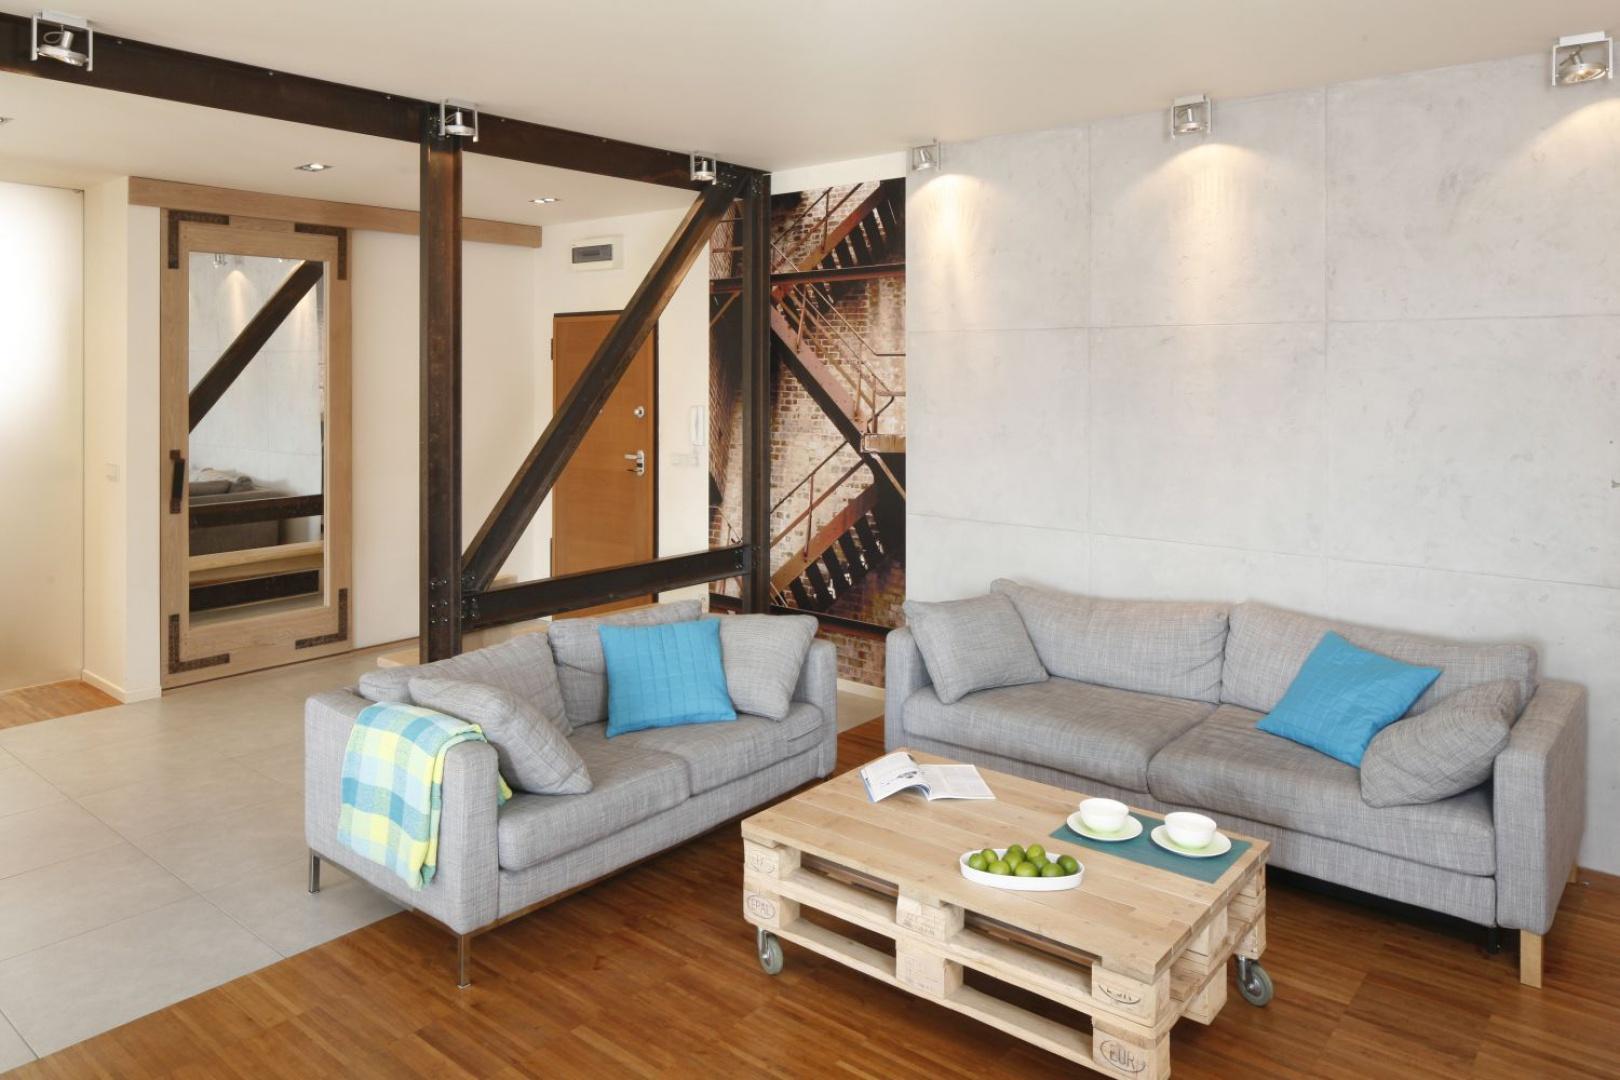 Salon w stylu loft swój charakter zyskał dzięki metalowym belkom, betonowi na ścianie oraz